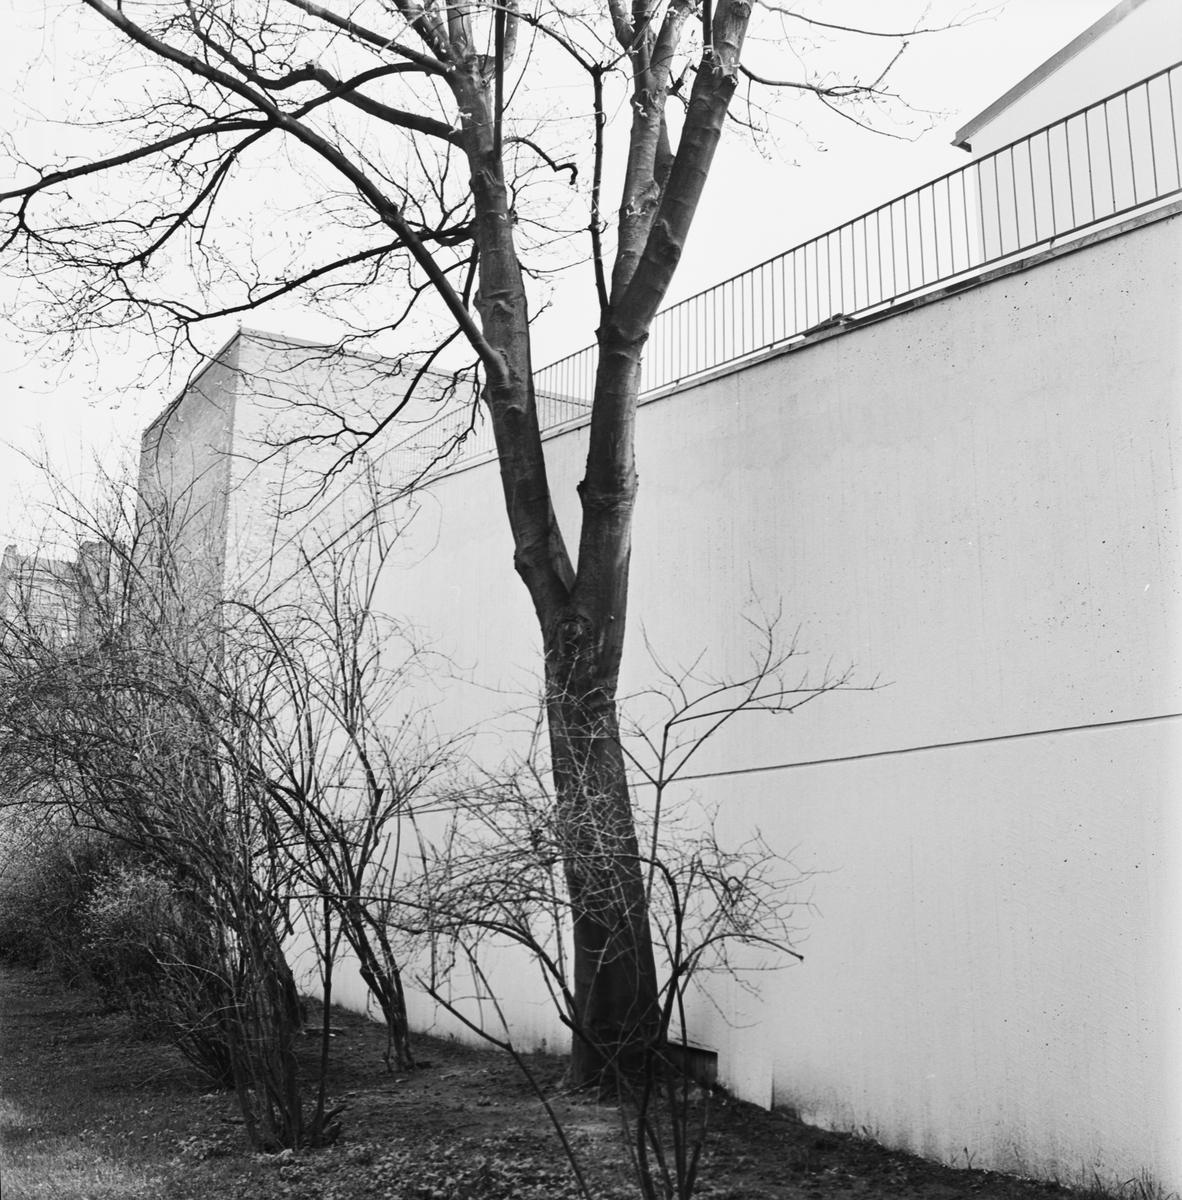 Övrigt: Foto datum: 4/5 1965 Byggnader och kranar Parkeringsplats bakom kungshuset